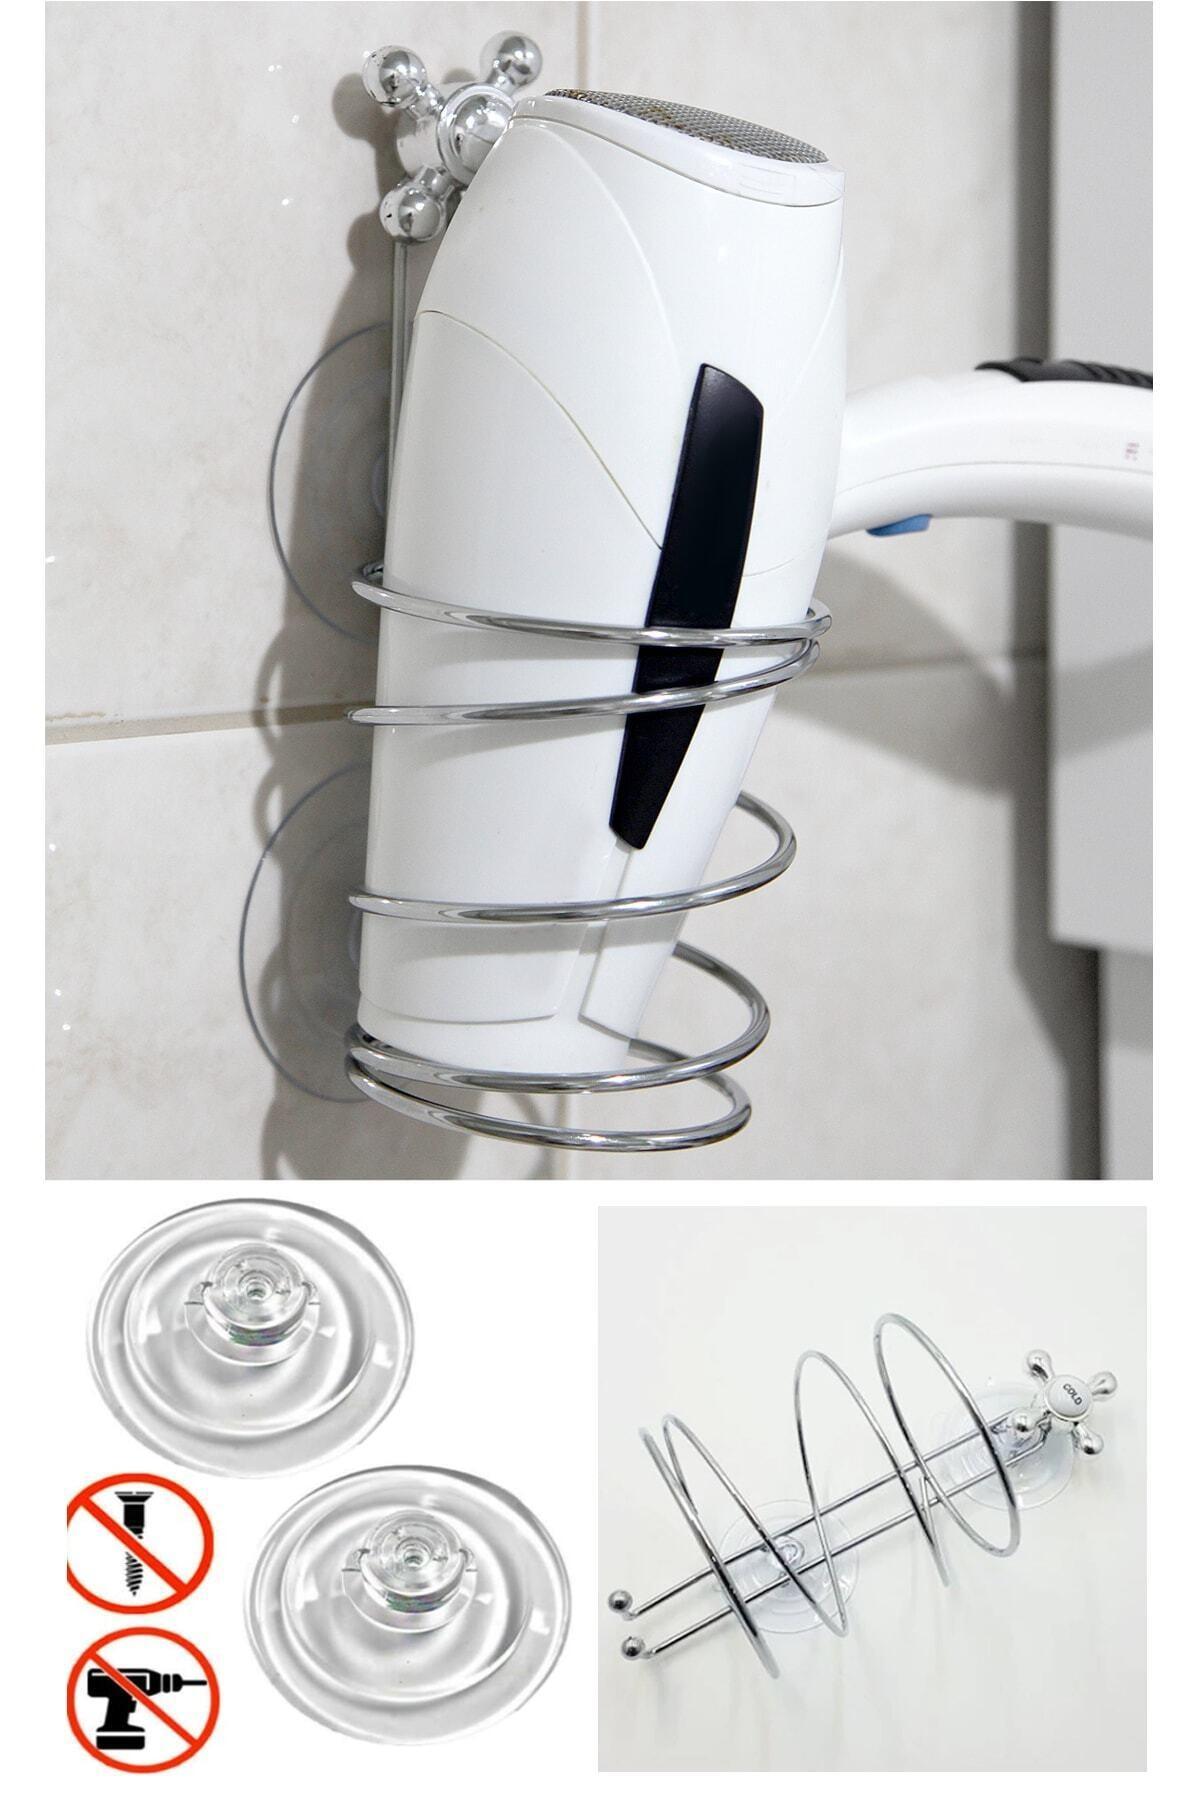 Vantuzlu Metal Saç Kurutma Makinesi Askısı